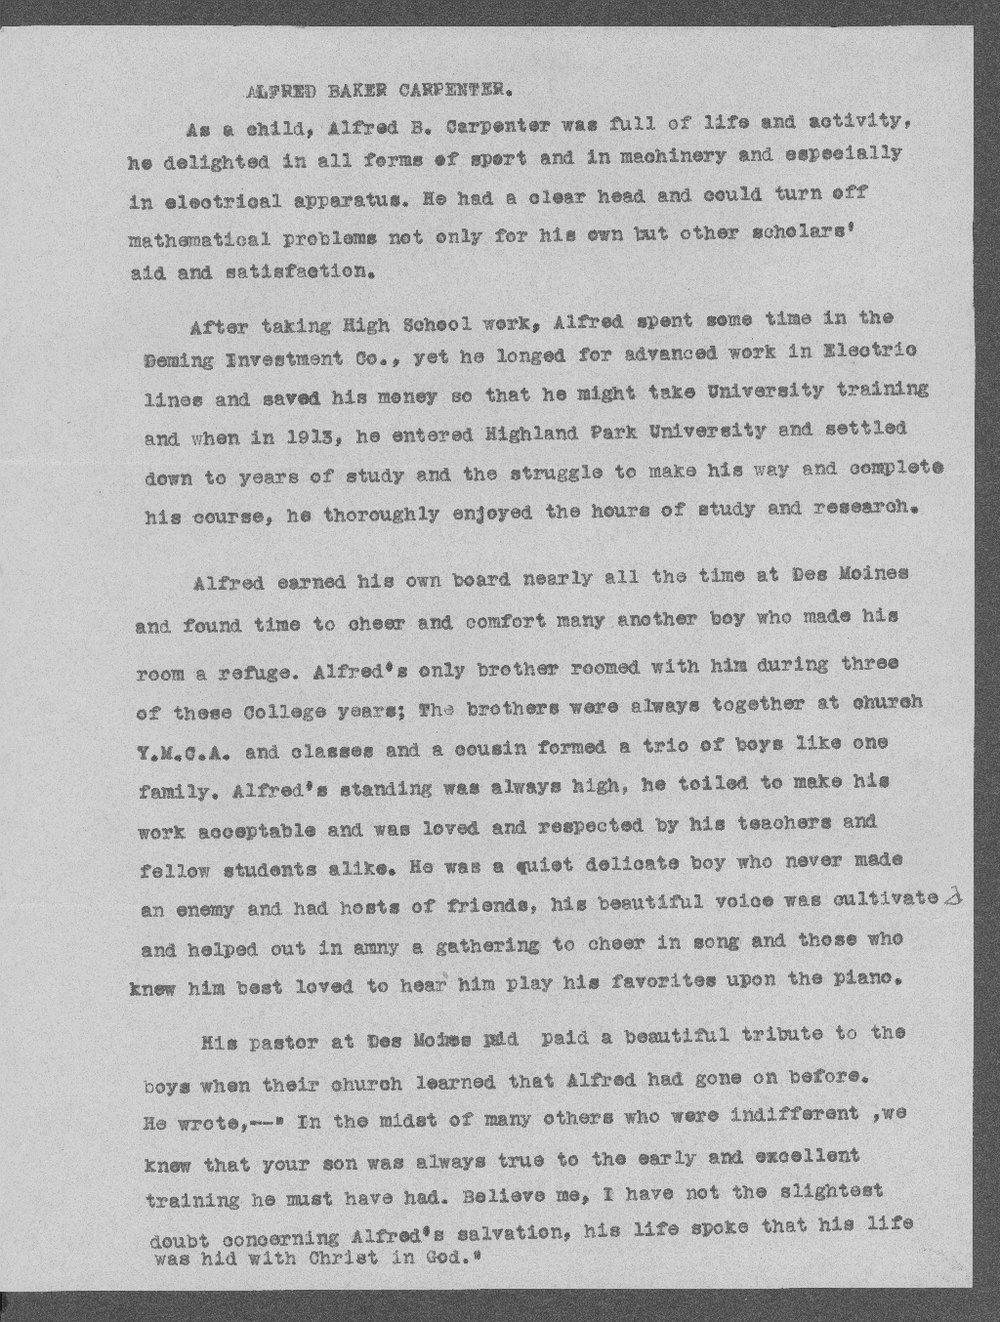 Alfred Baker Carpenter, World War I soldier - 4